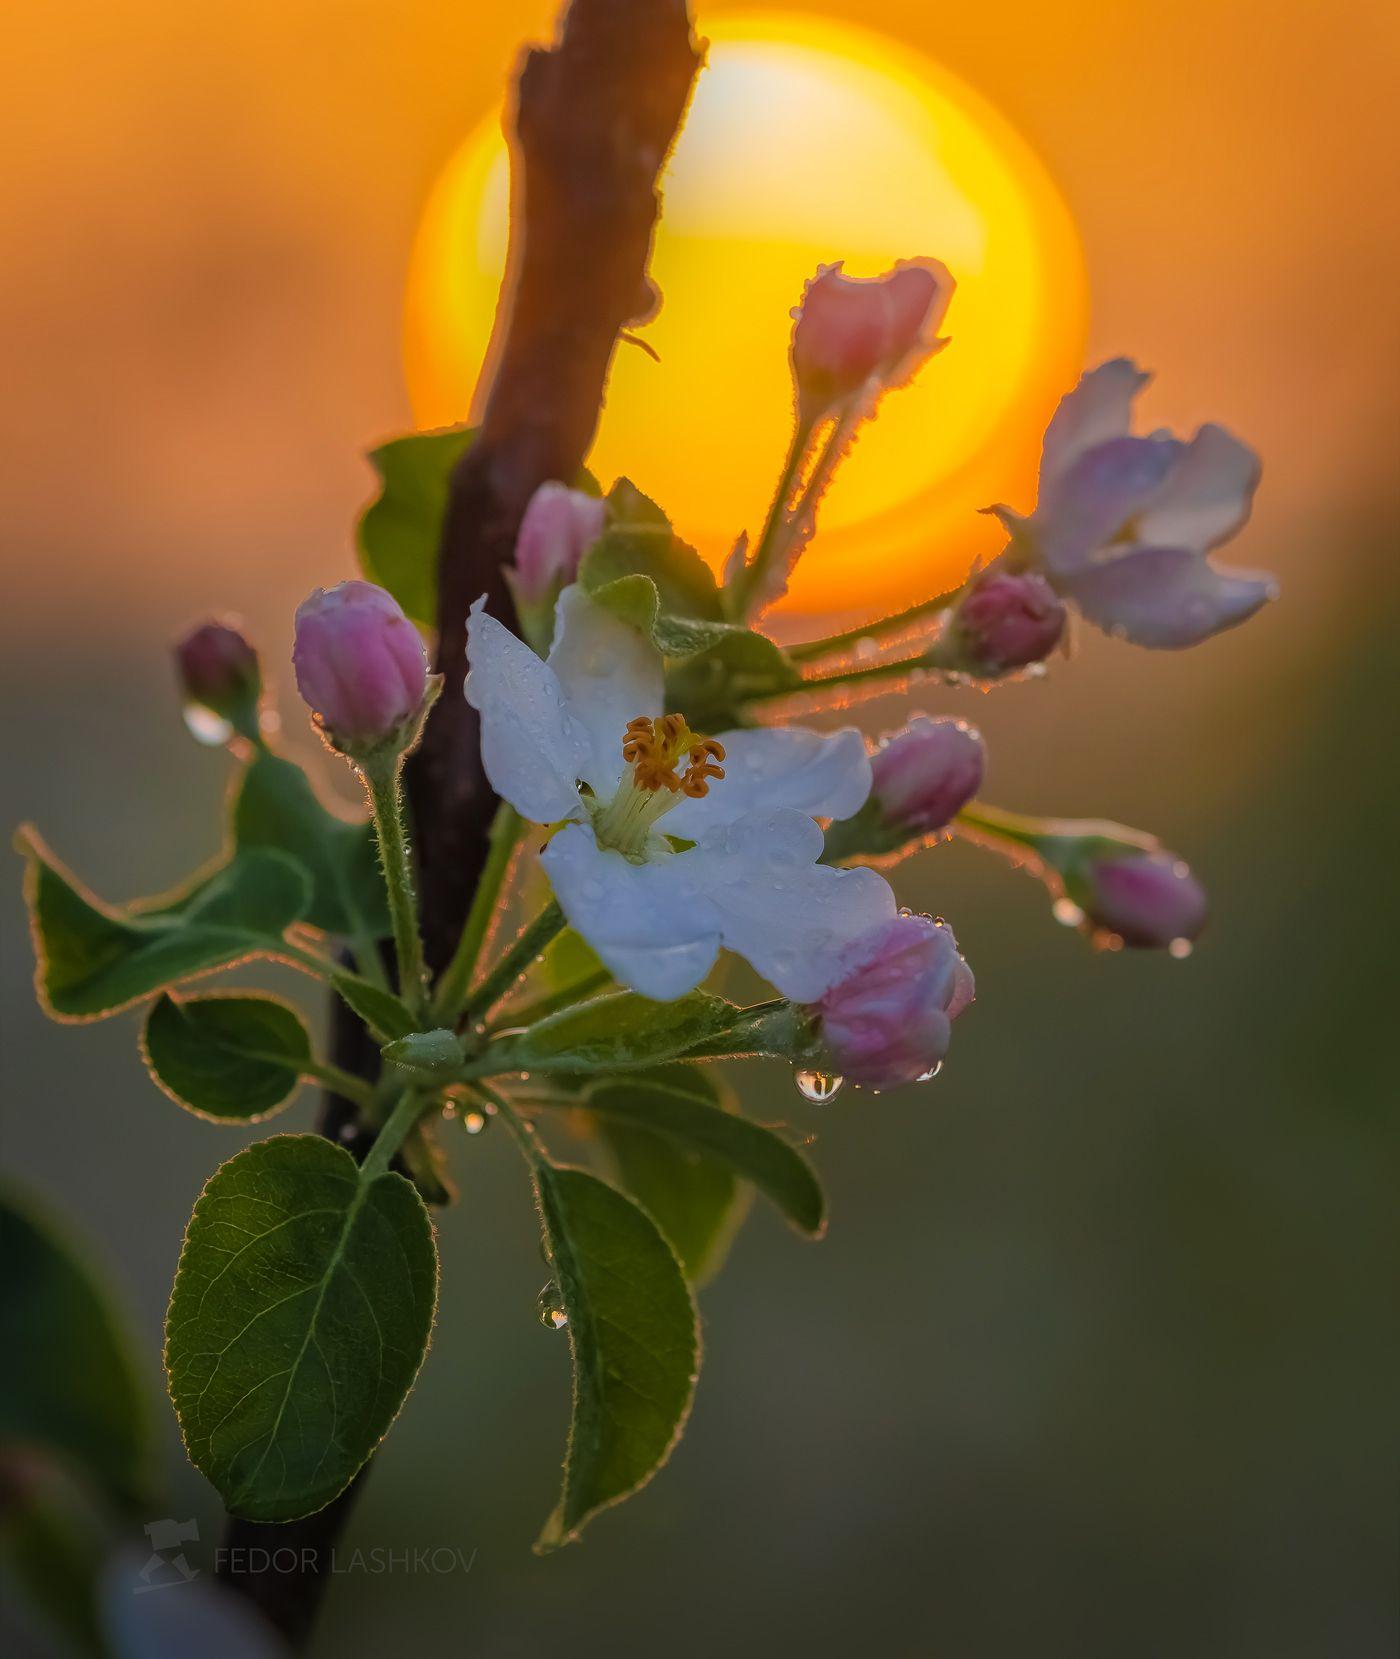 Пробуждение весны Лебедянский район Липецкая область сад цветение фруктовый рассвет солнце макро яблони яблоня цветок садовое сельское хозяйство